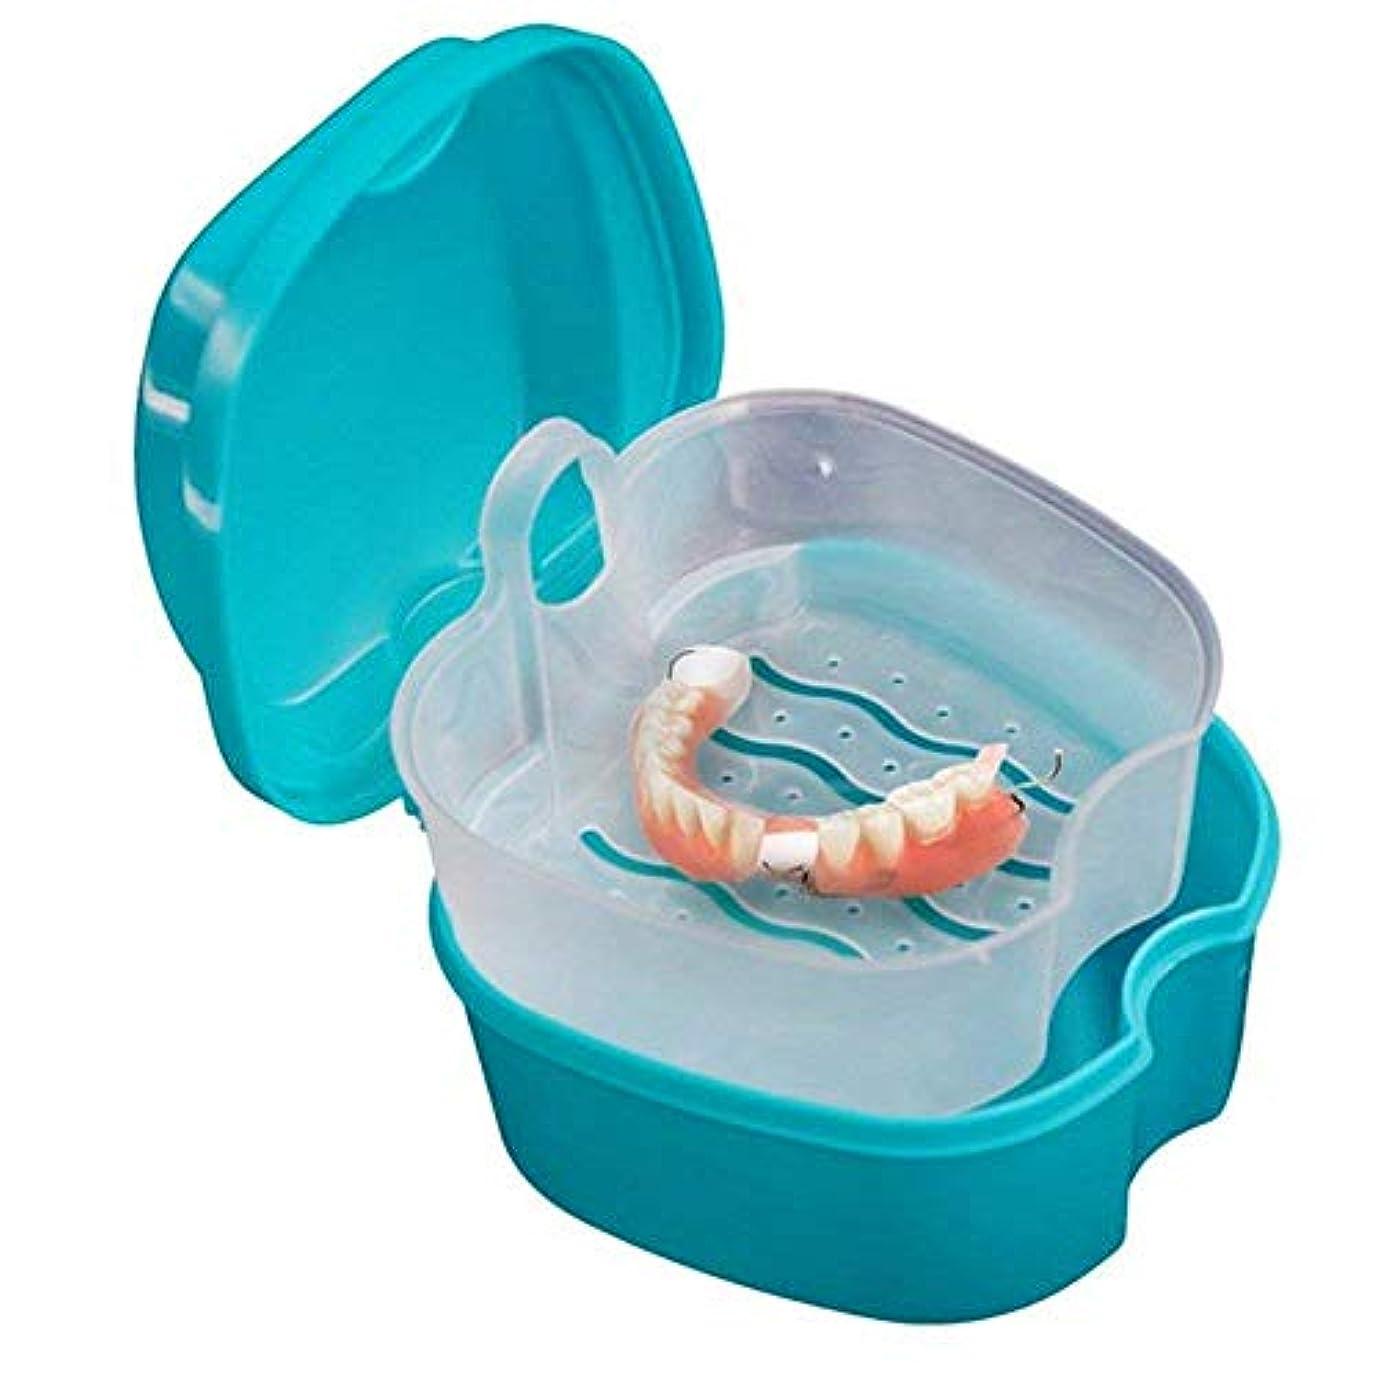 ゆるいウミウシ葡萄CoiTek 入れ歯ケース 義歯ケース 携帯 家庭旅行用 ストレーナー付き ブルー